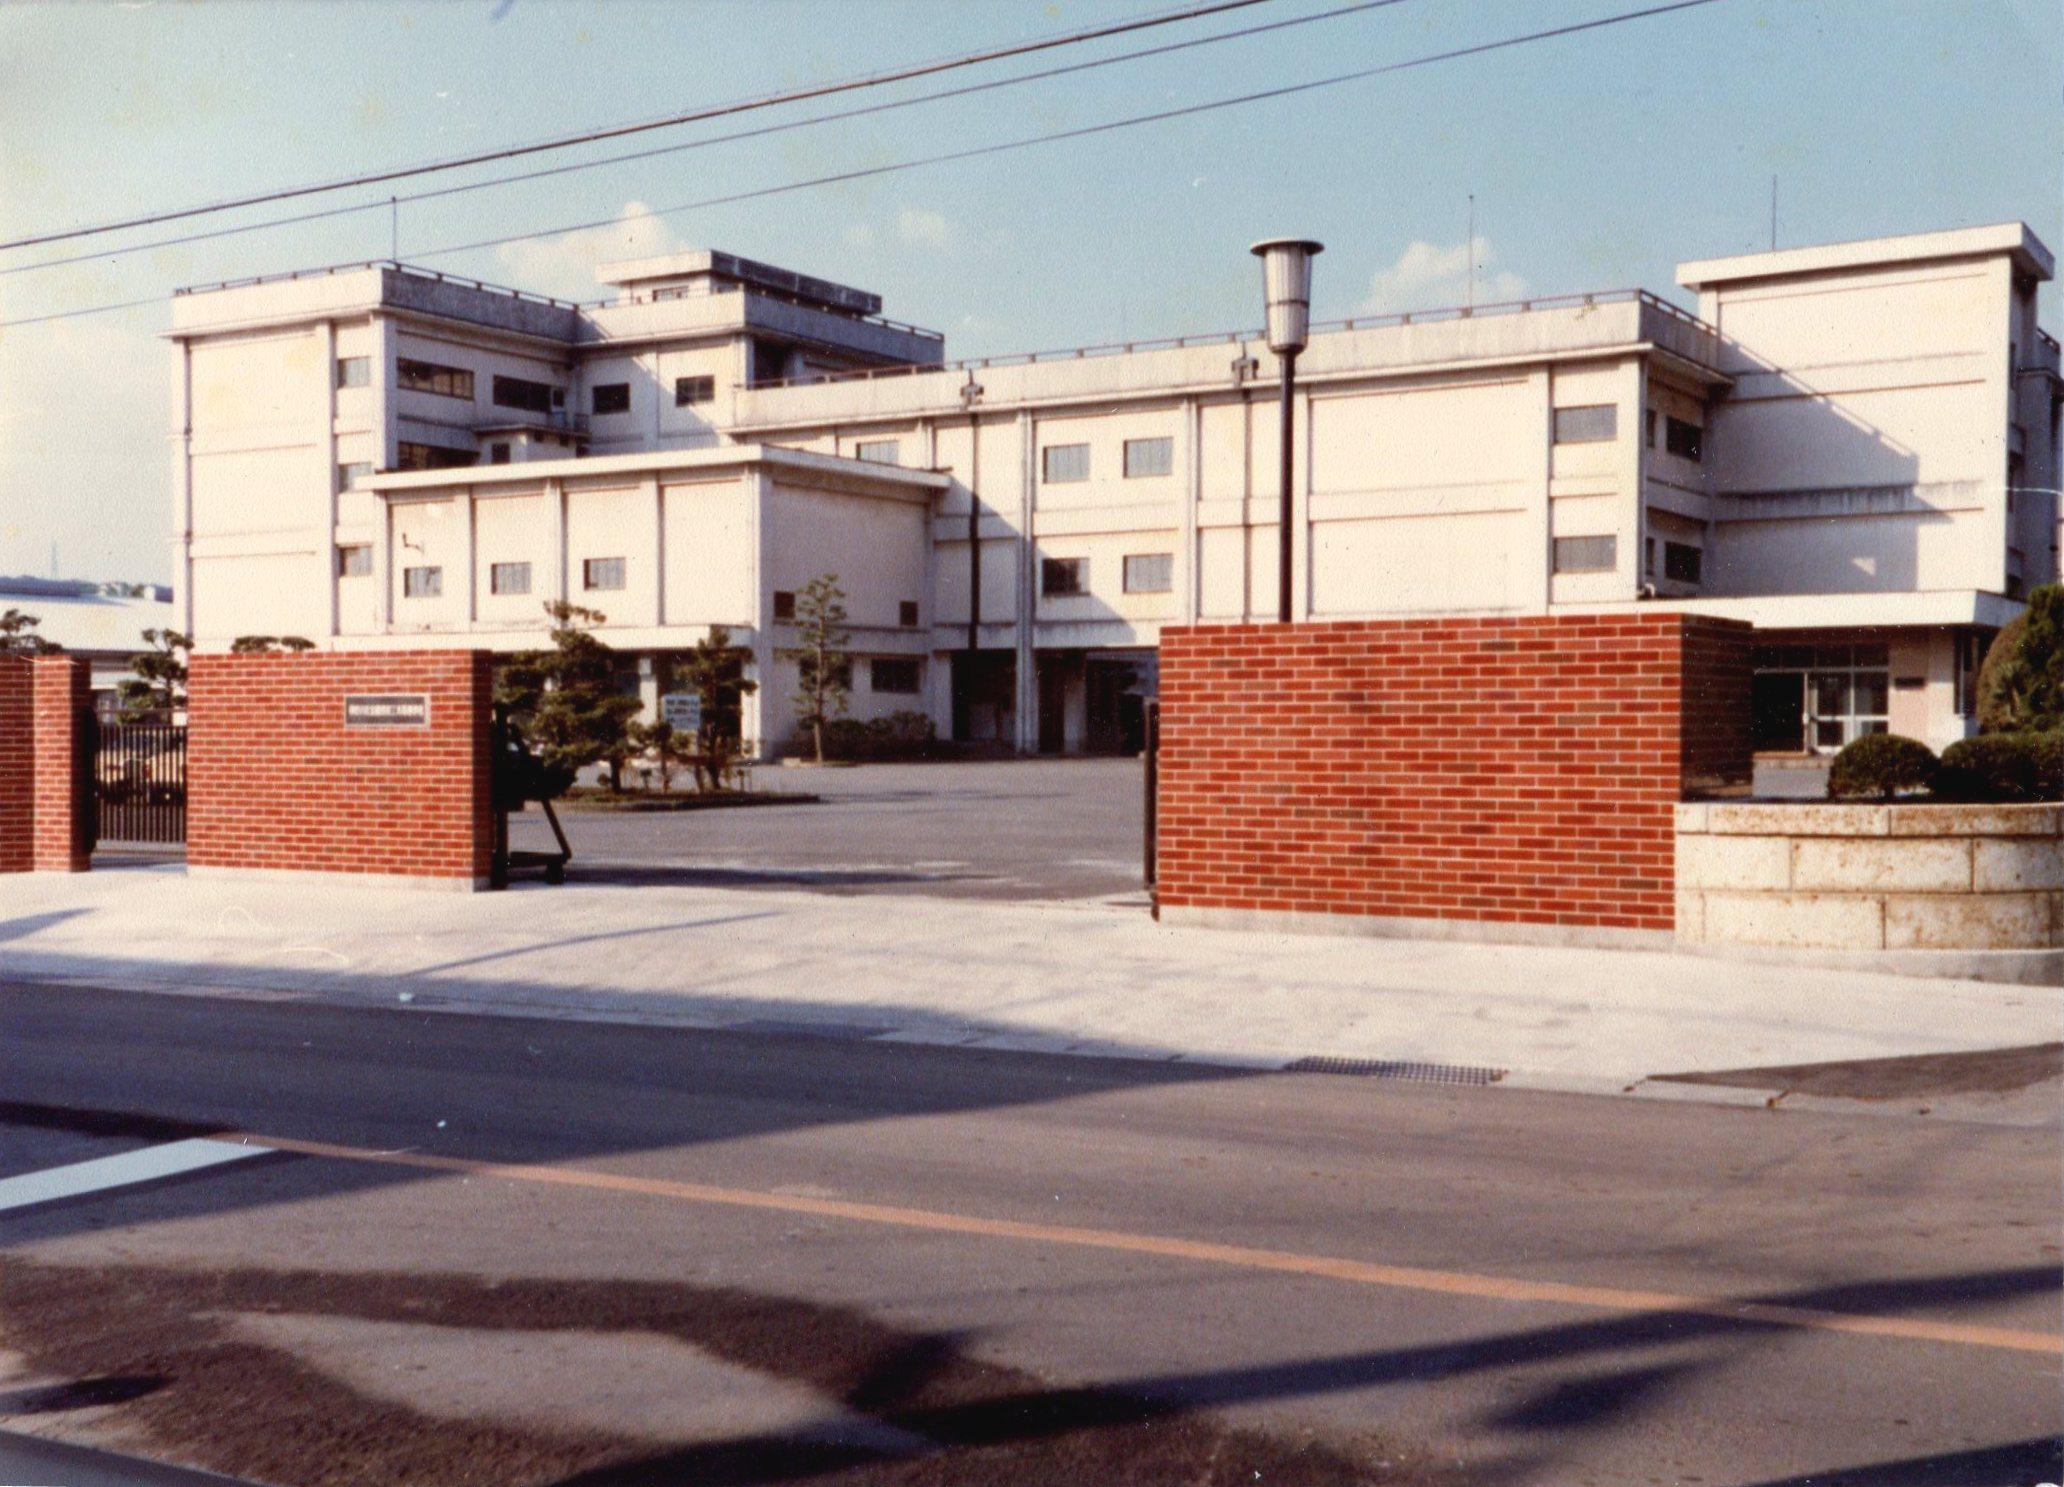 1981年(昭和56年)10月24日創立40周年記念事業 正門を北側通路よりバス道路側に新設